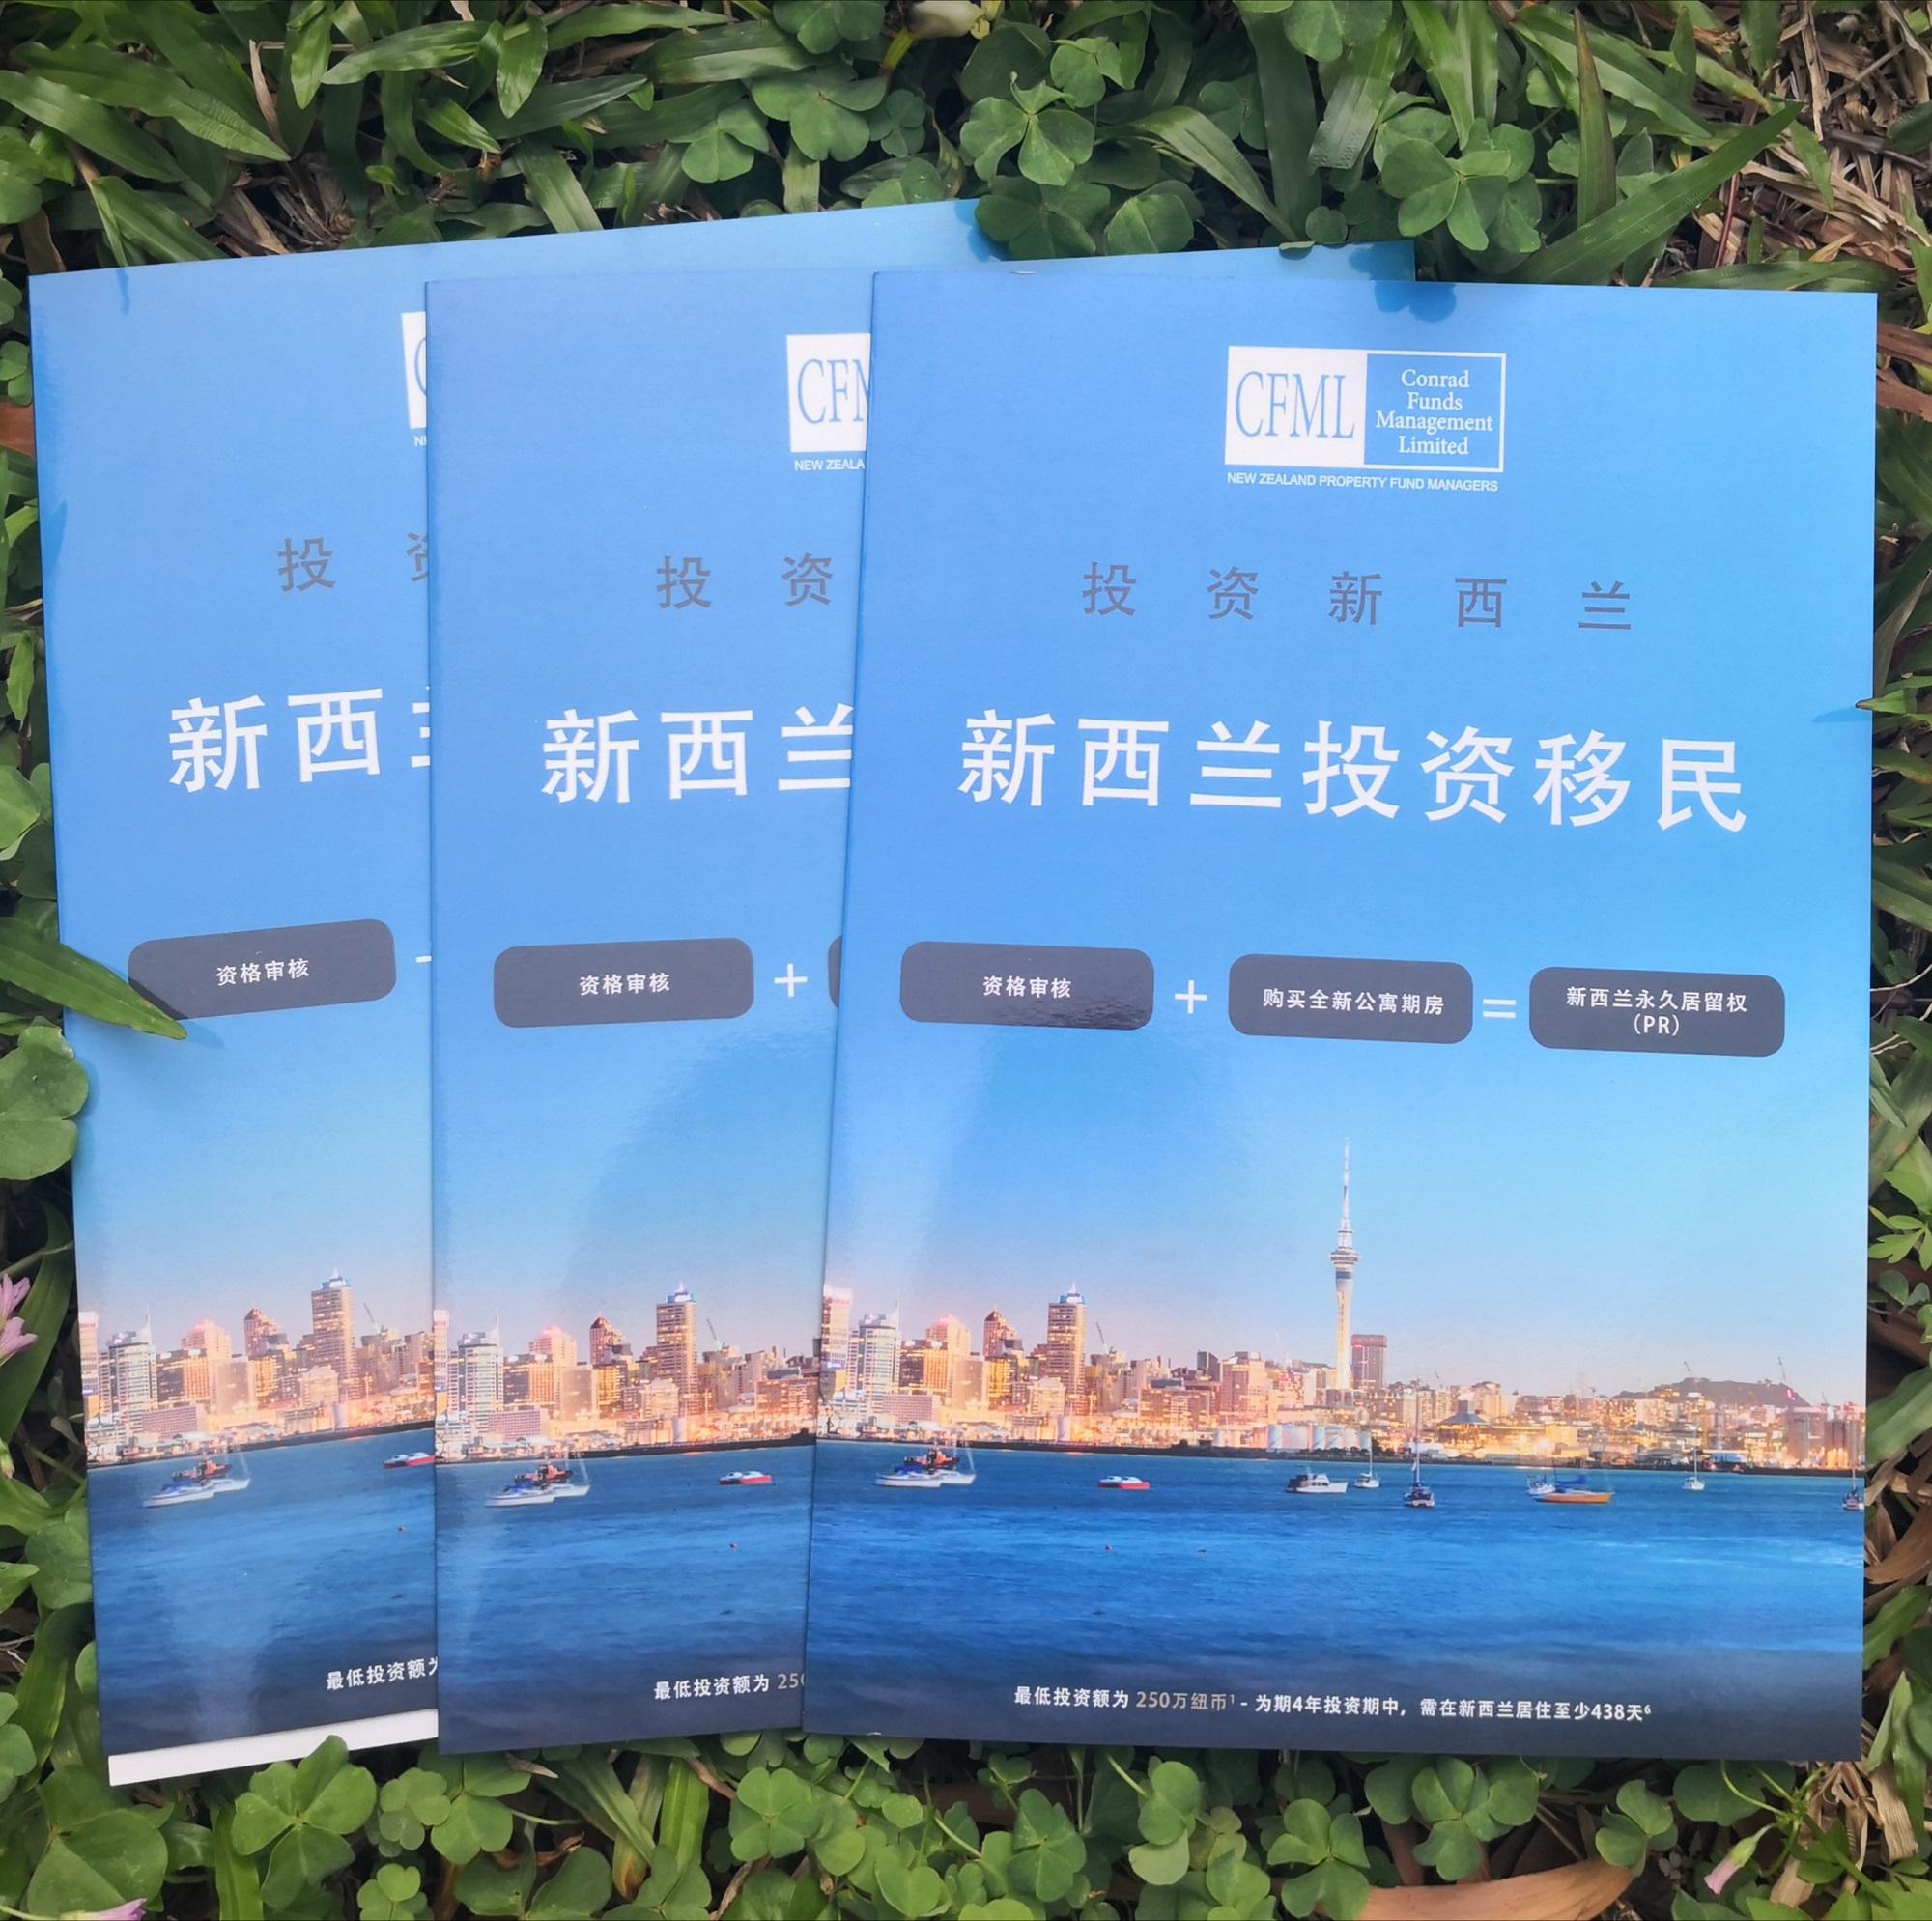 吉安公司宣传手册定制一本画册印刷开年低价印刷走量